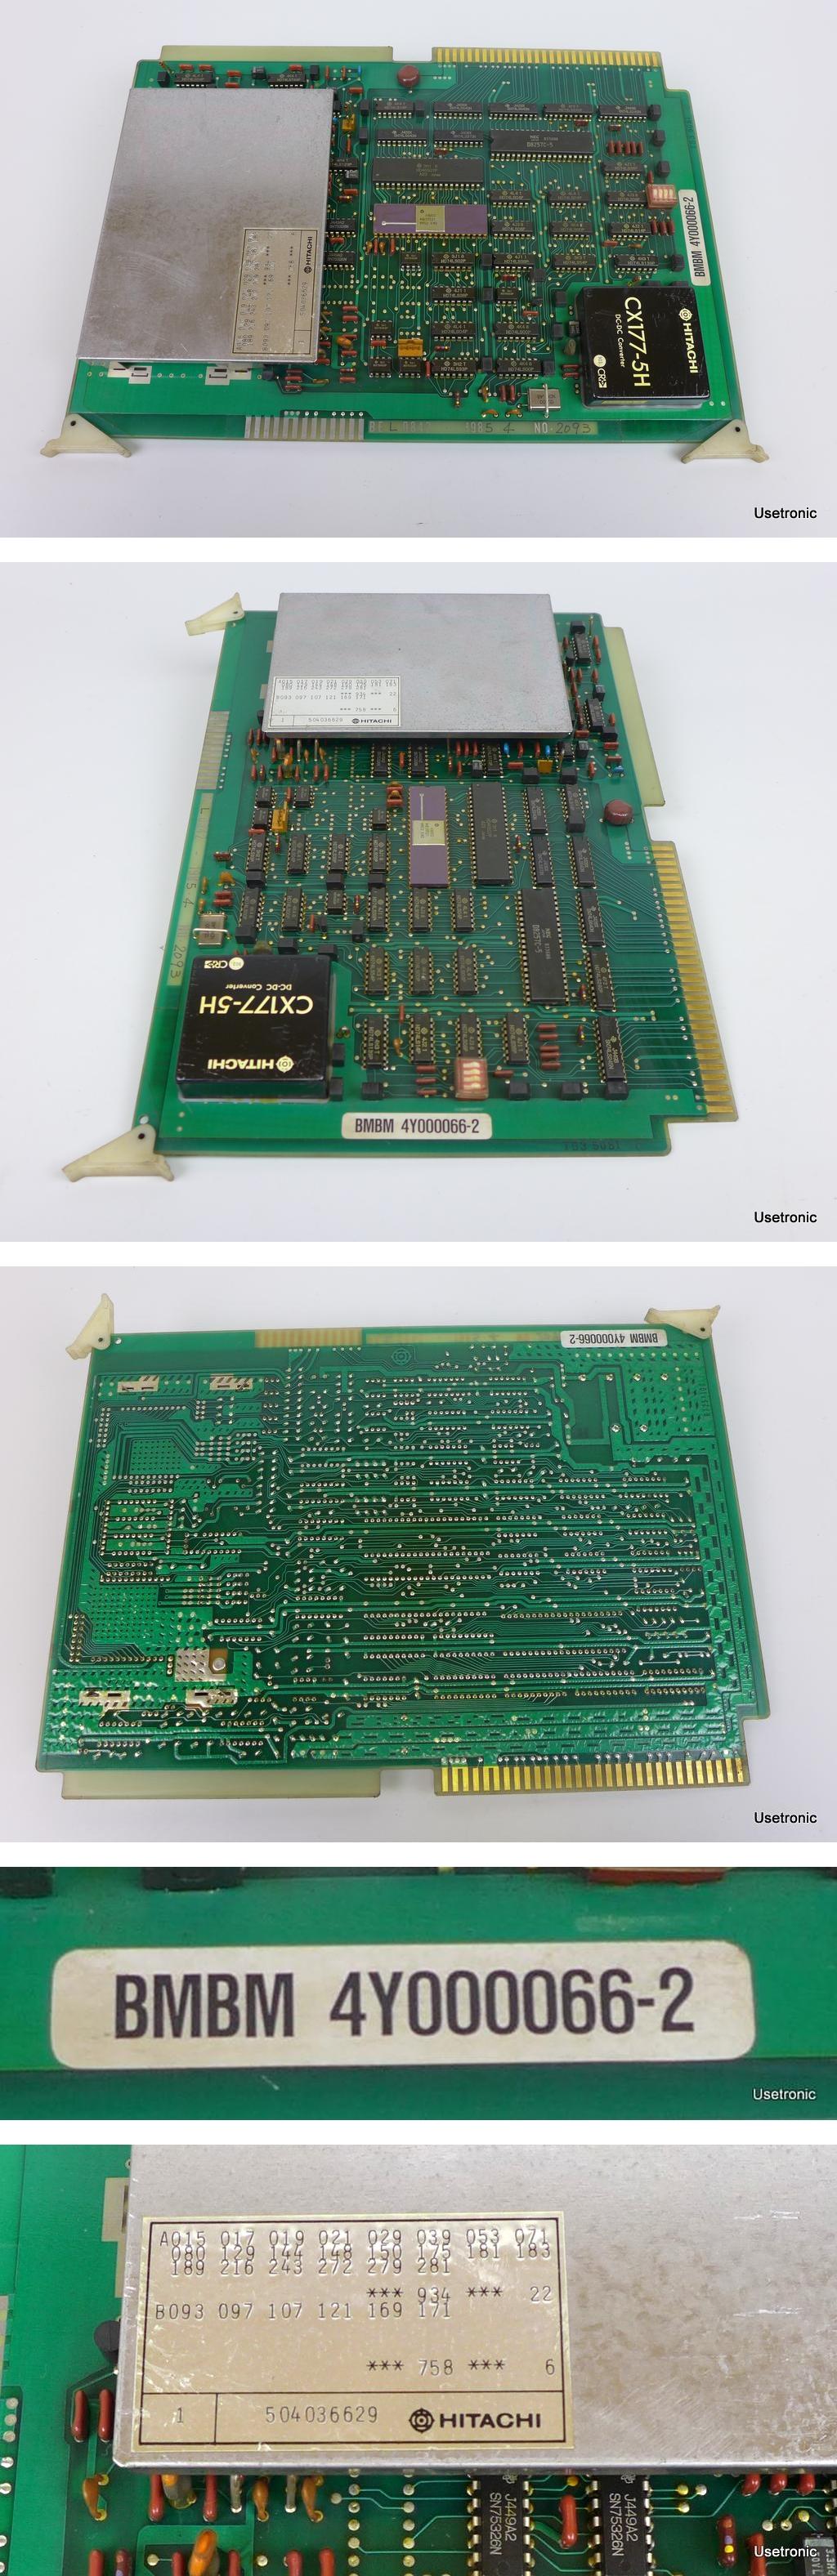 Hitachi BMBM 4Y000066-2